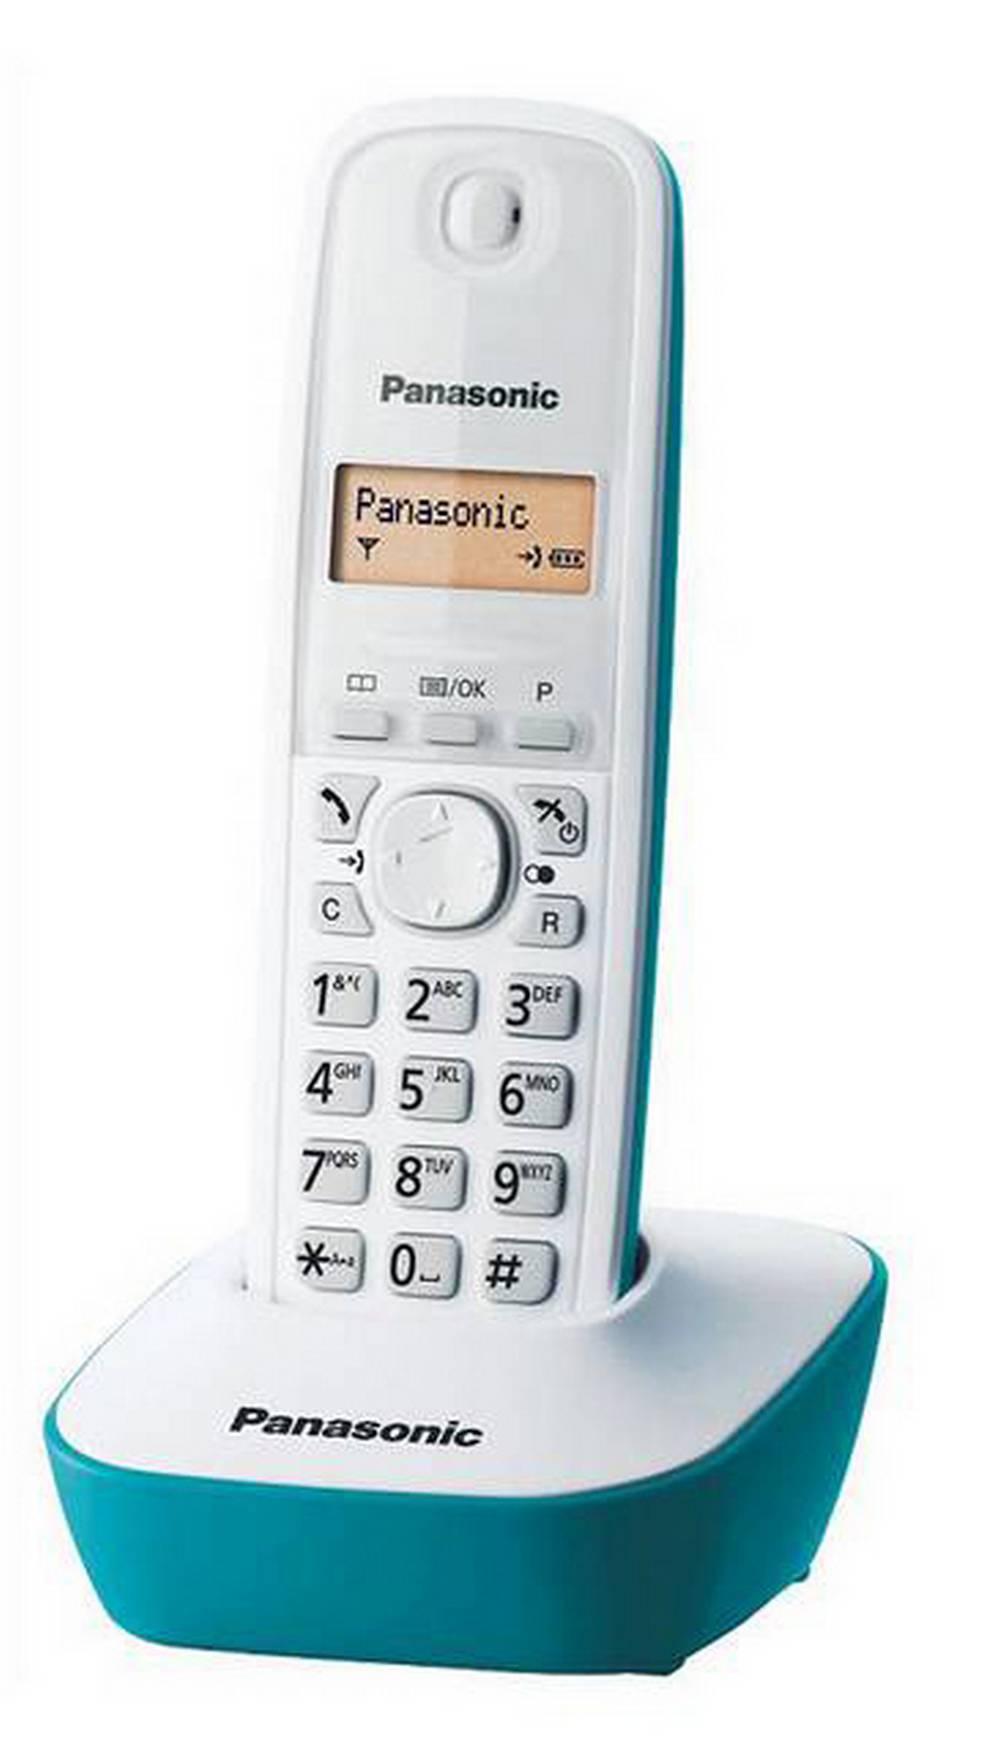 Ασύρματο Ψηφιακό Τηλέφωνο Panasonic KX-TG1611 (EU) Λευκό-Τυρκουάζ